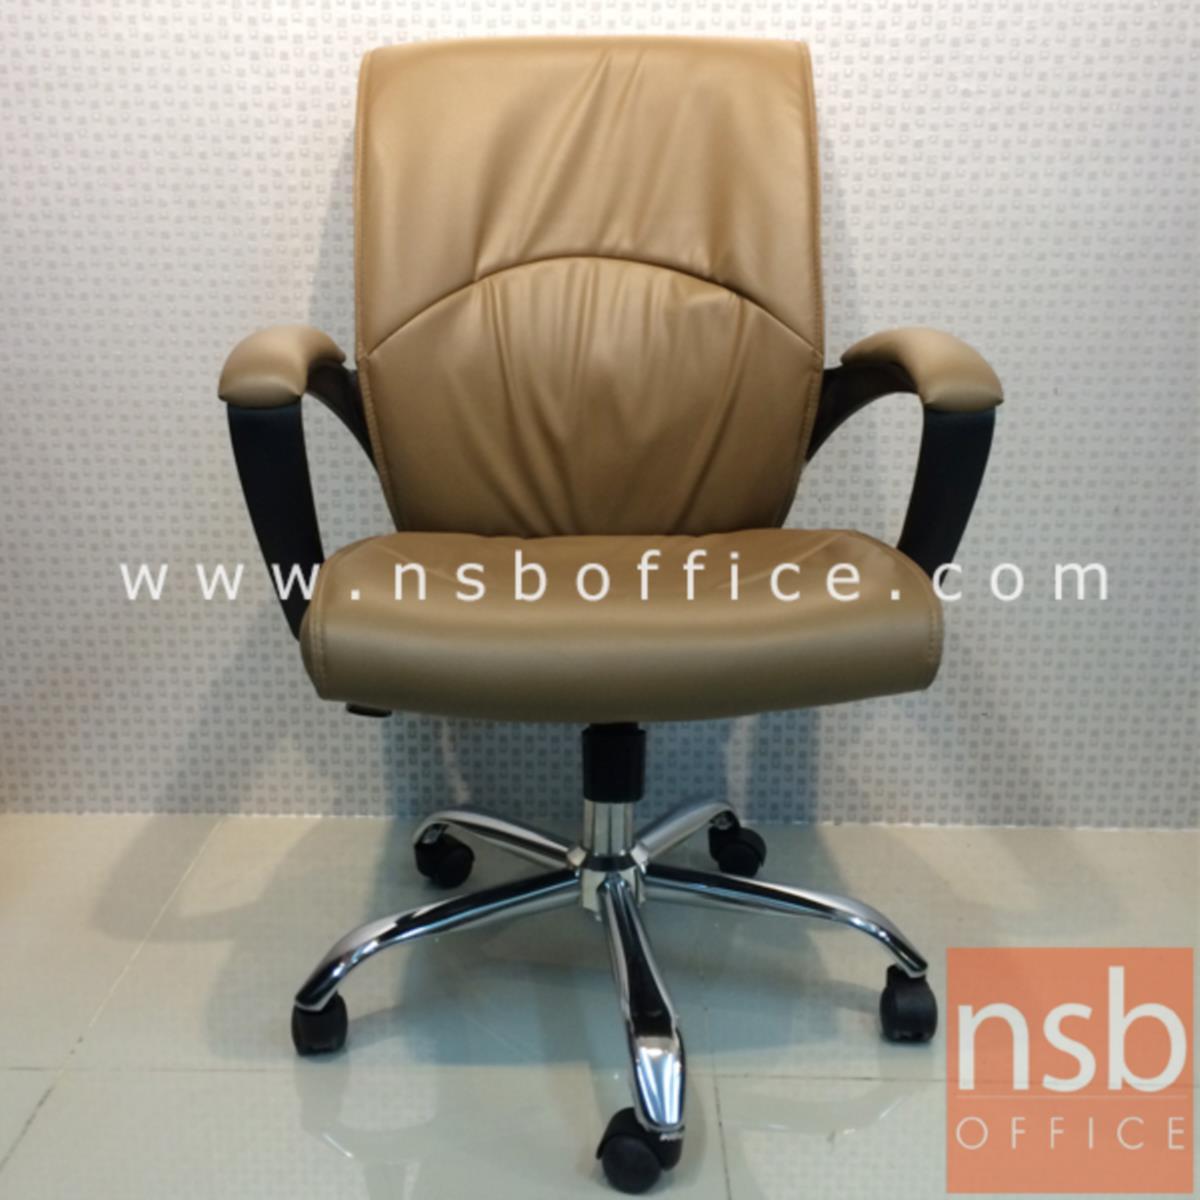 เก้าอี้สำนักงาน รุ่น Kehlani (เคห์ลานี)  โช๊คแก๊ส มีก้อนโยก ขาเหล็กชุบโครเมี่ยม